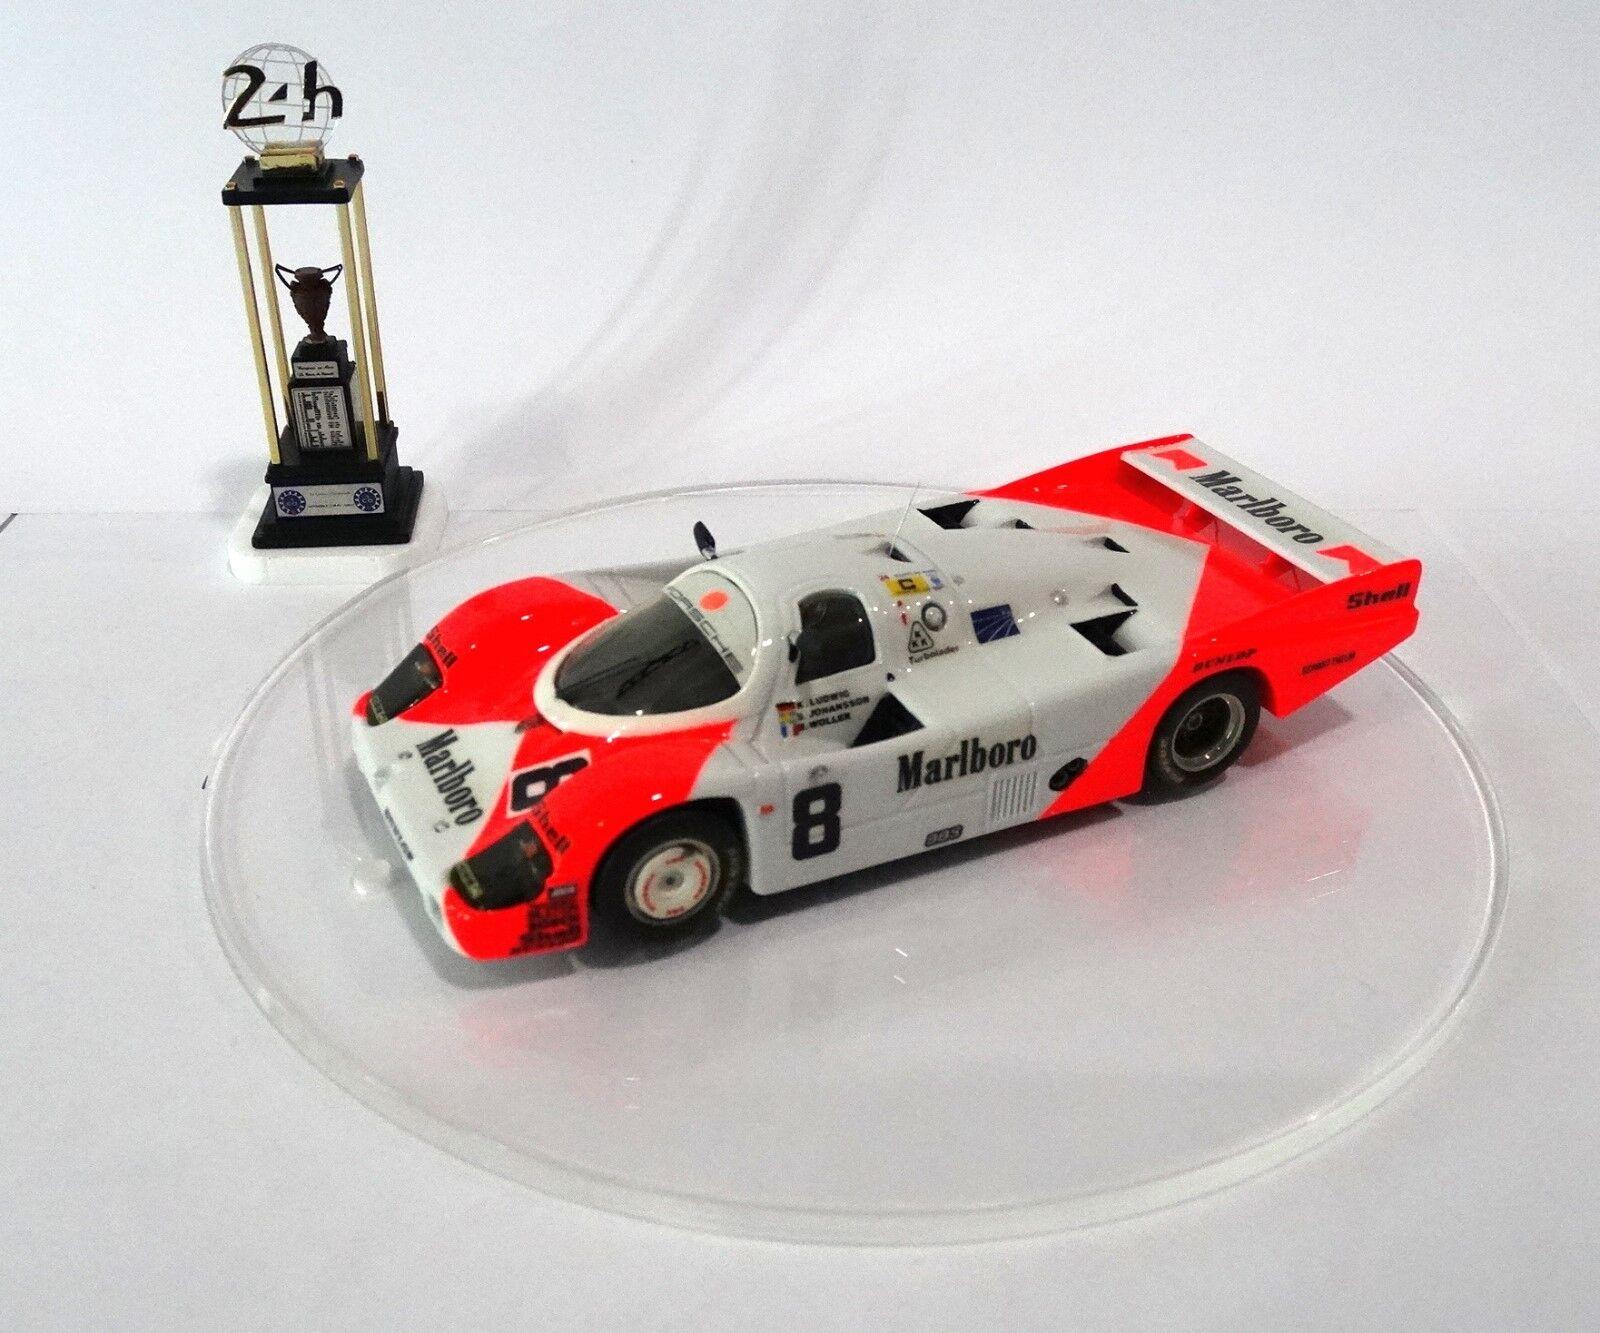 PORSCHE 956  8 MARLBoro Le Mans 1983 Built Monté Kit  no spark minichamps